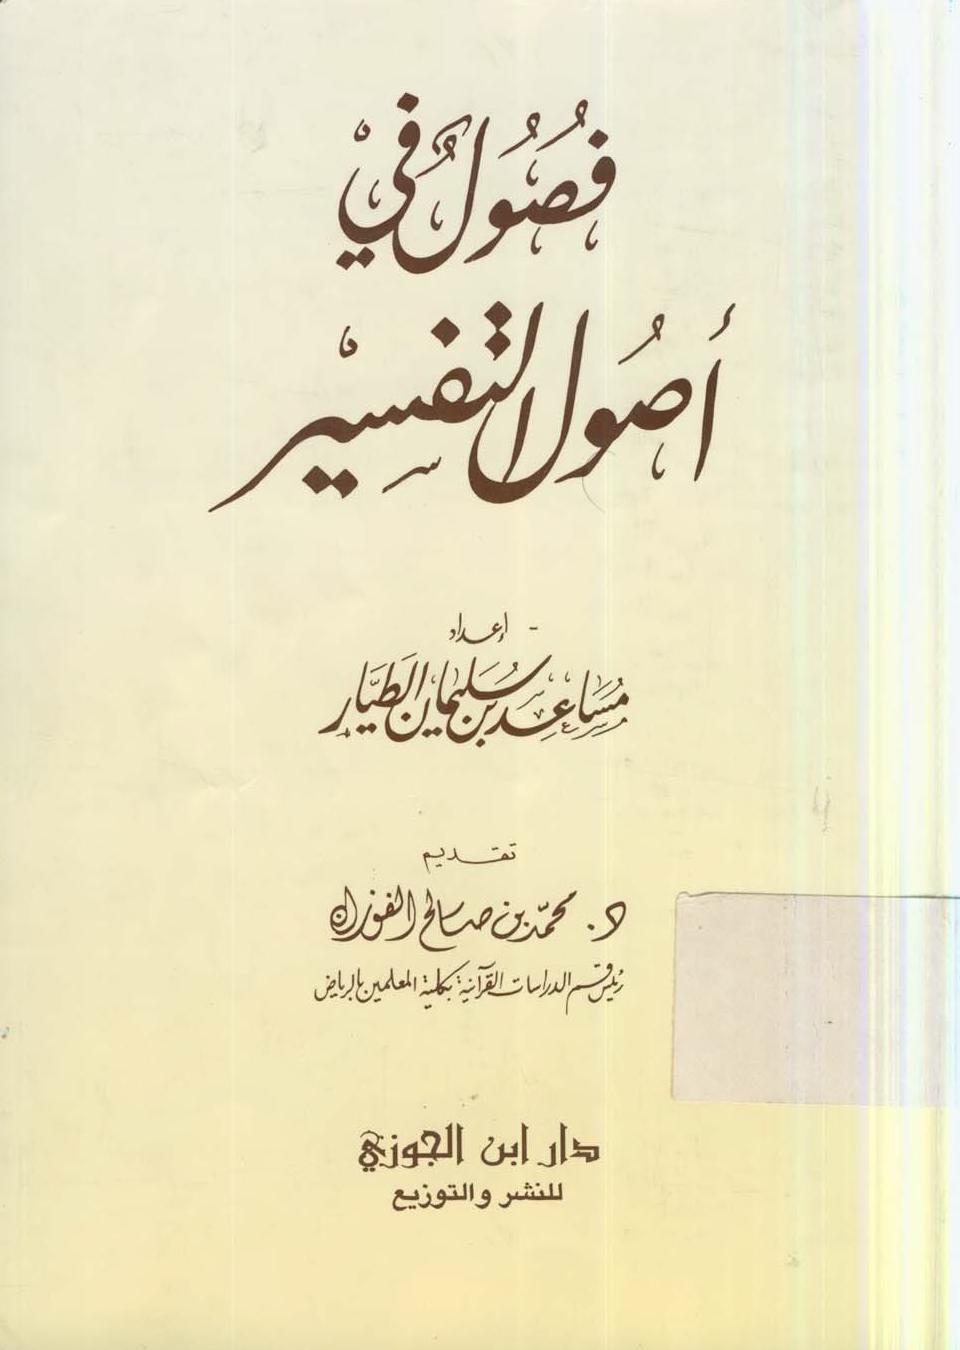 تحميل كتاب فصول في أصول التفسير لـِ: الدكتور مساعد بن سليمان بن ناصر الطيار